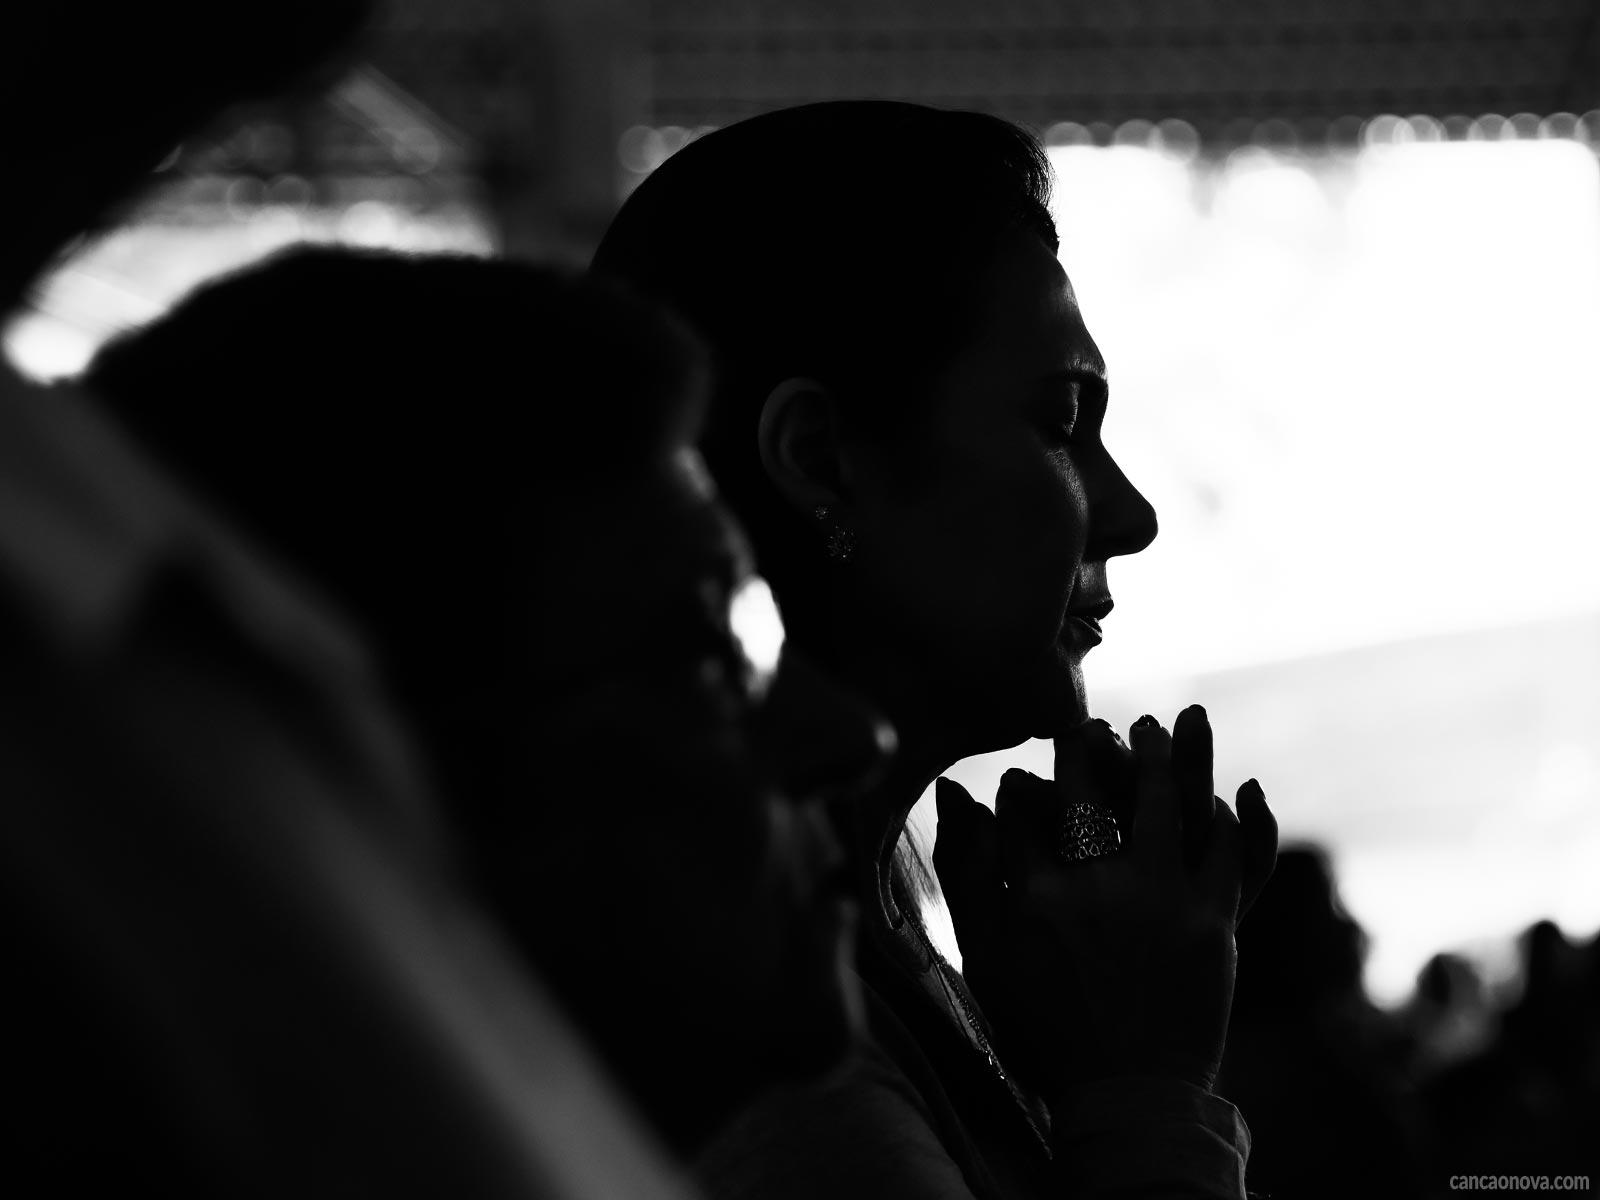 Como-podemos-religar-nosso-relacionamento-com-Deus